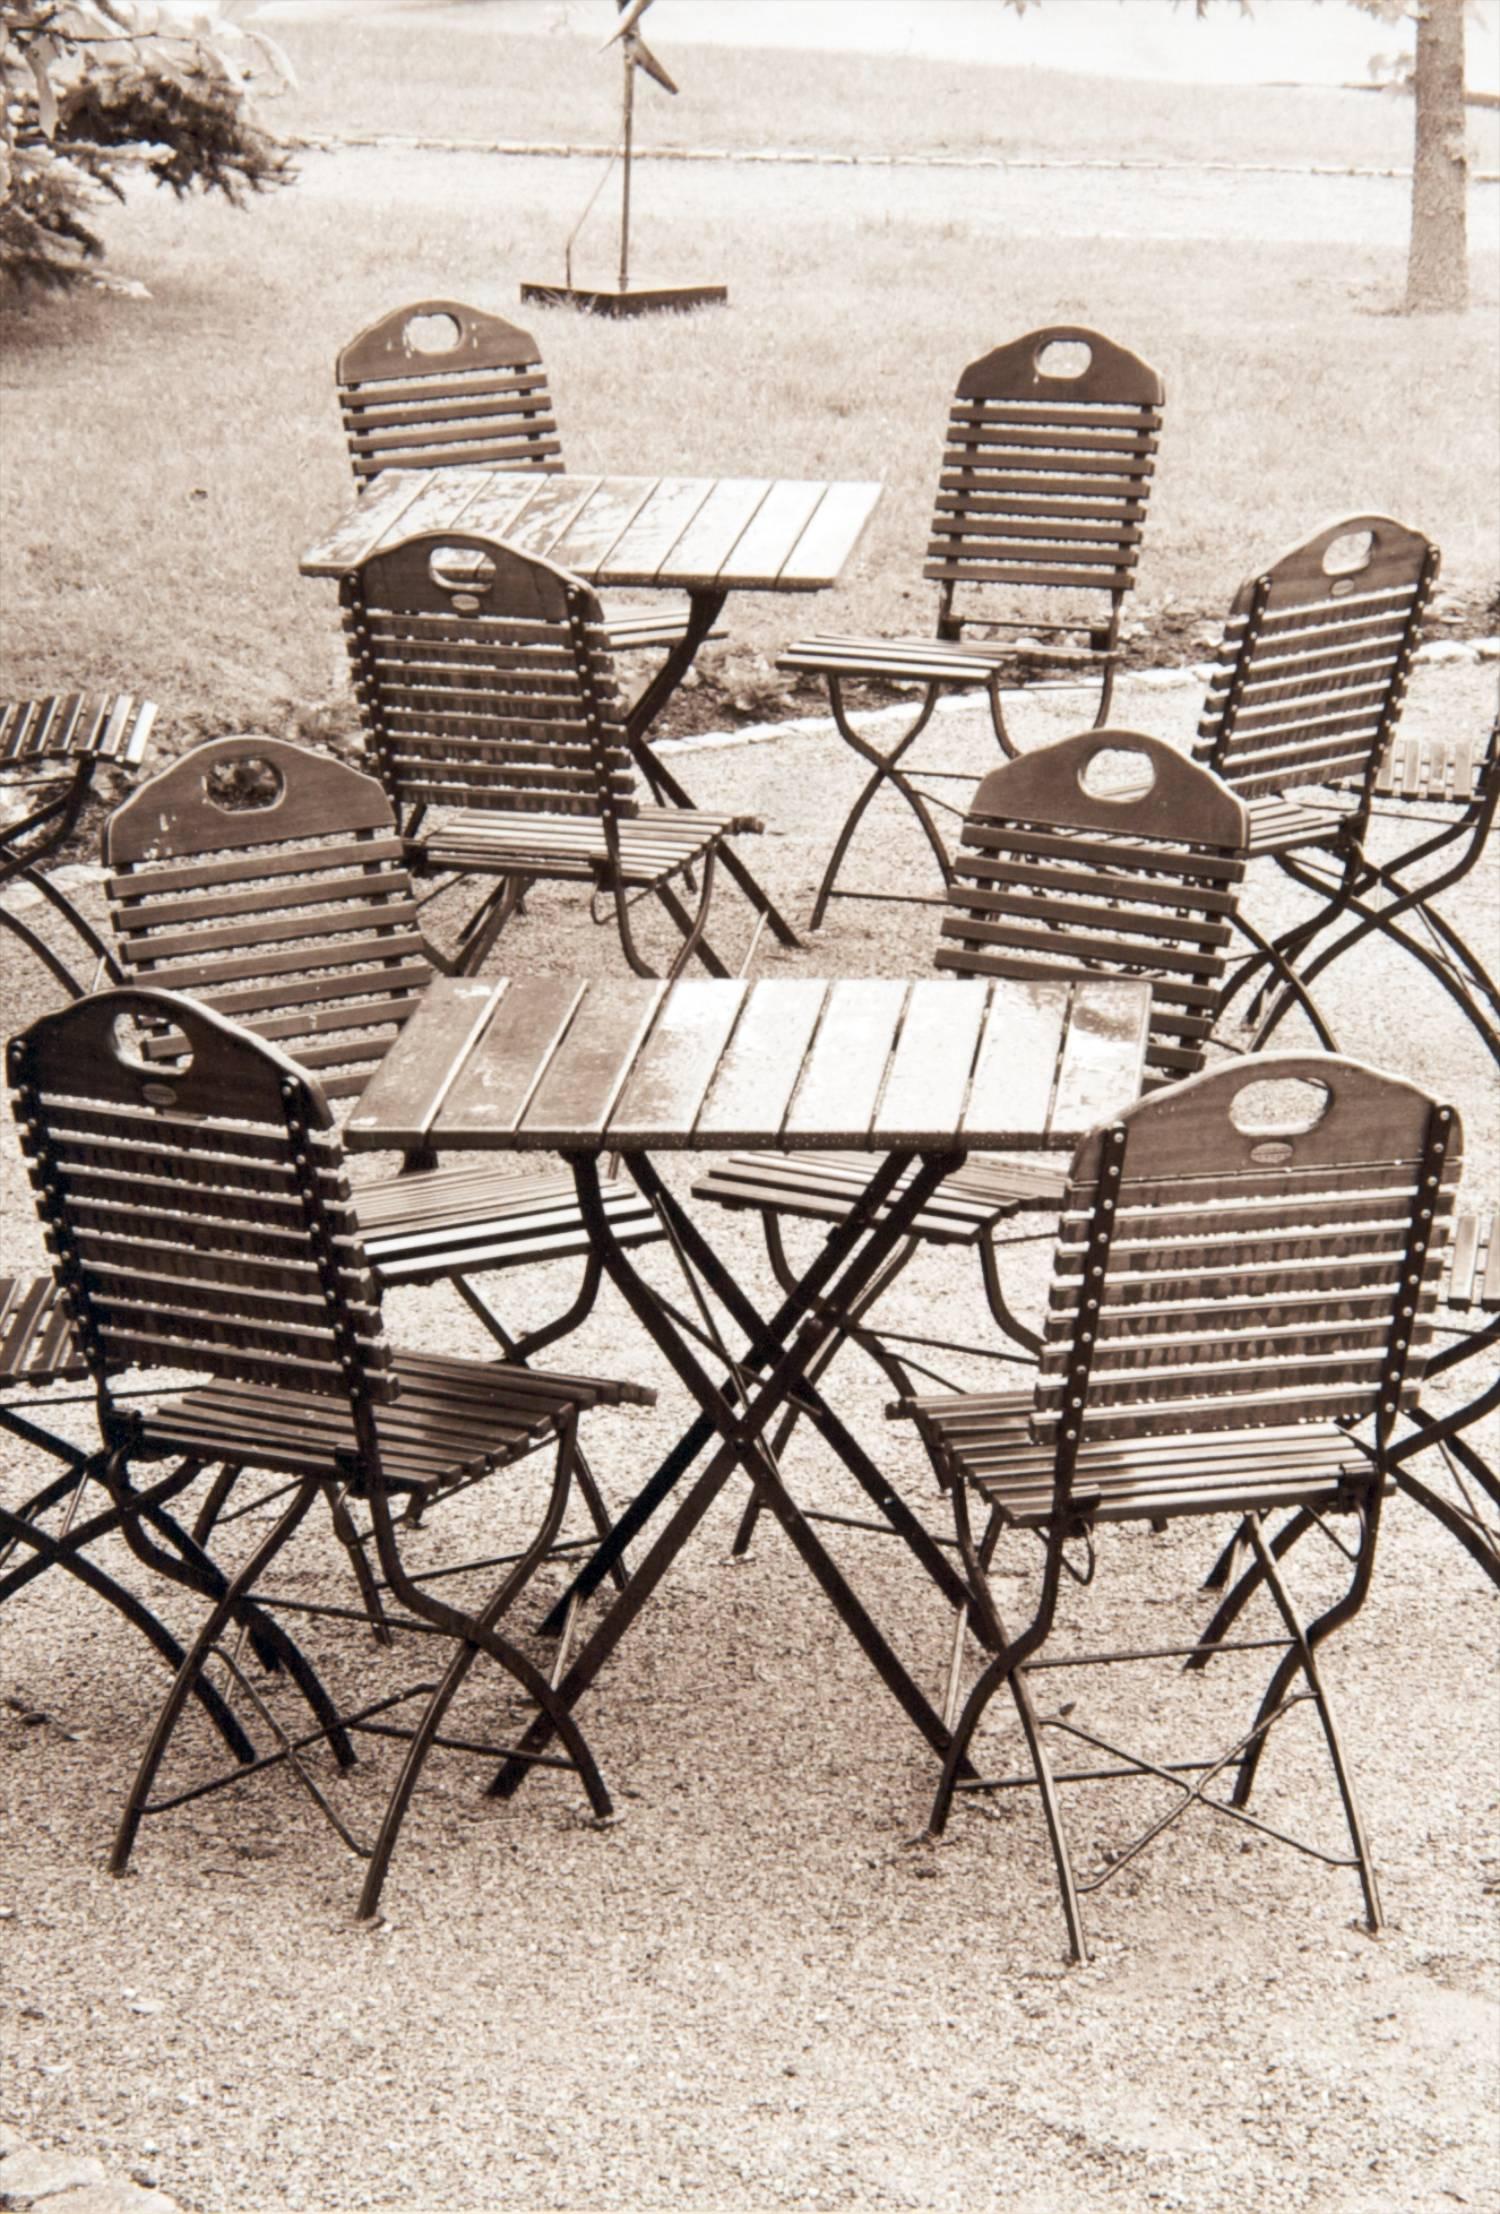 Chairs (Château de L'ile, France)